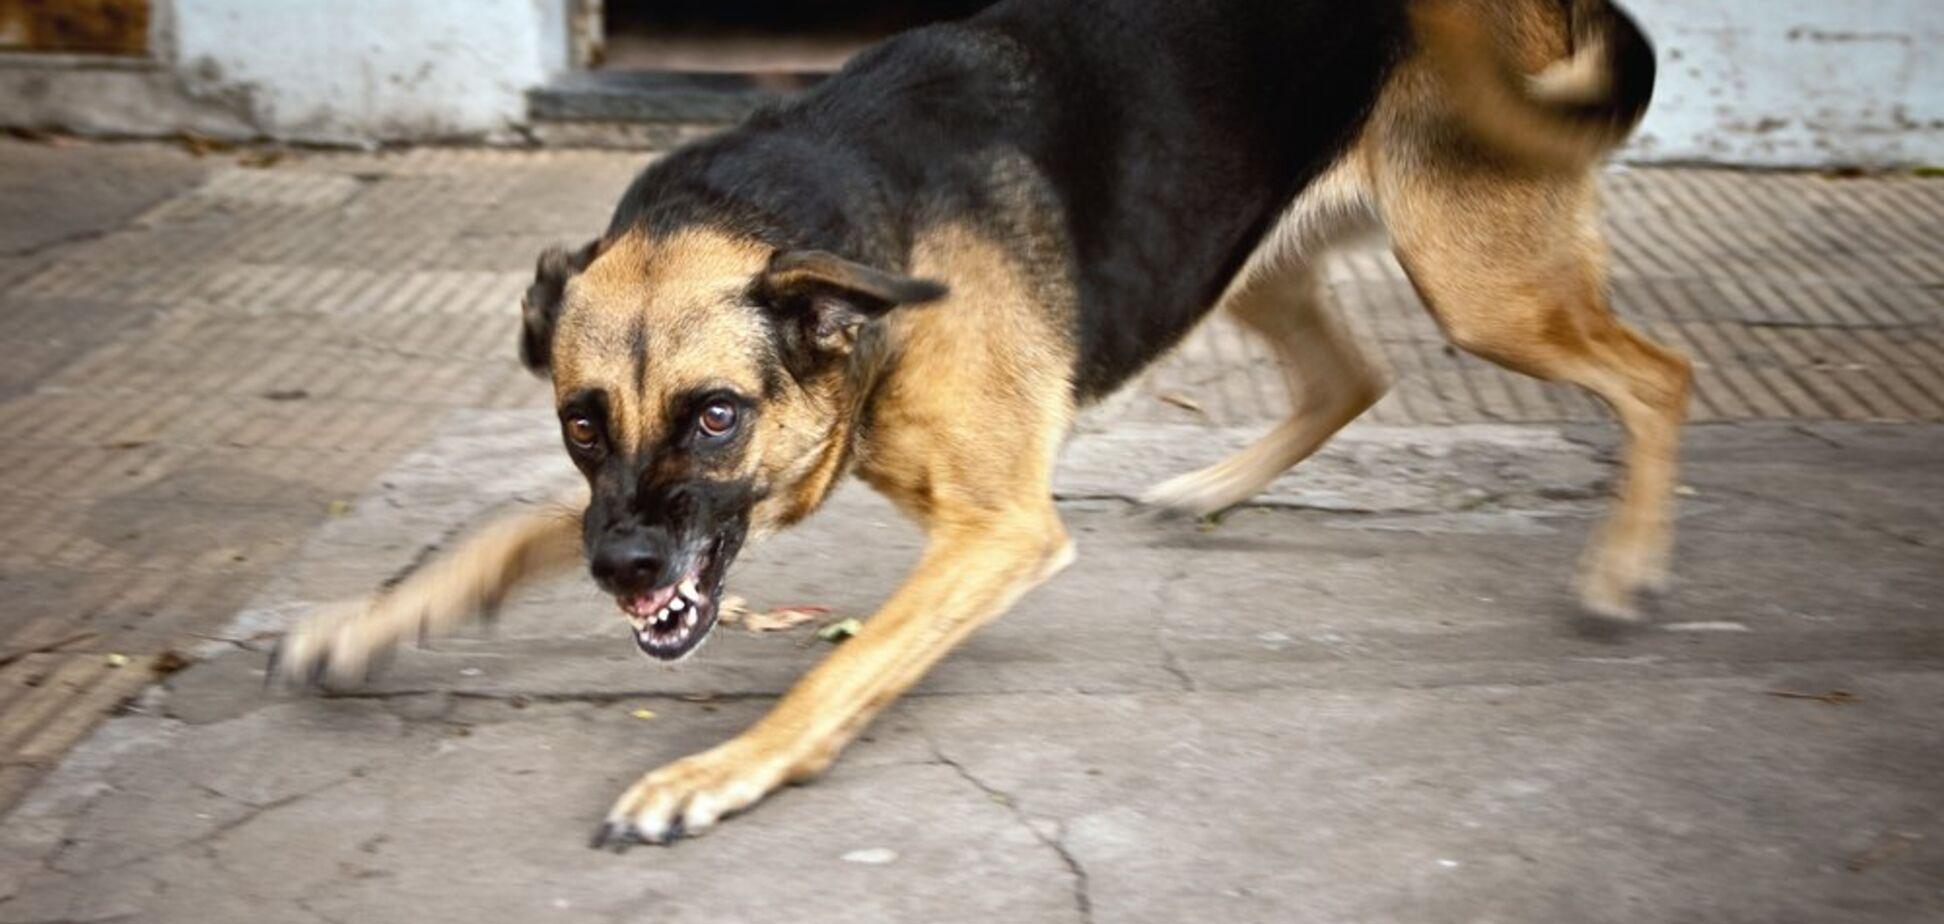 Прирекли на смерть у муках: Журналістка, яку вкусив собака, шокувала 'лікуванням'